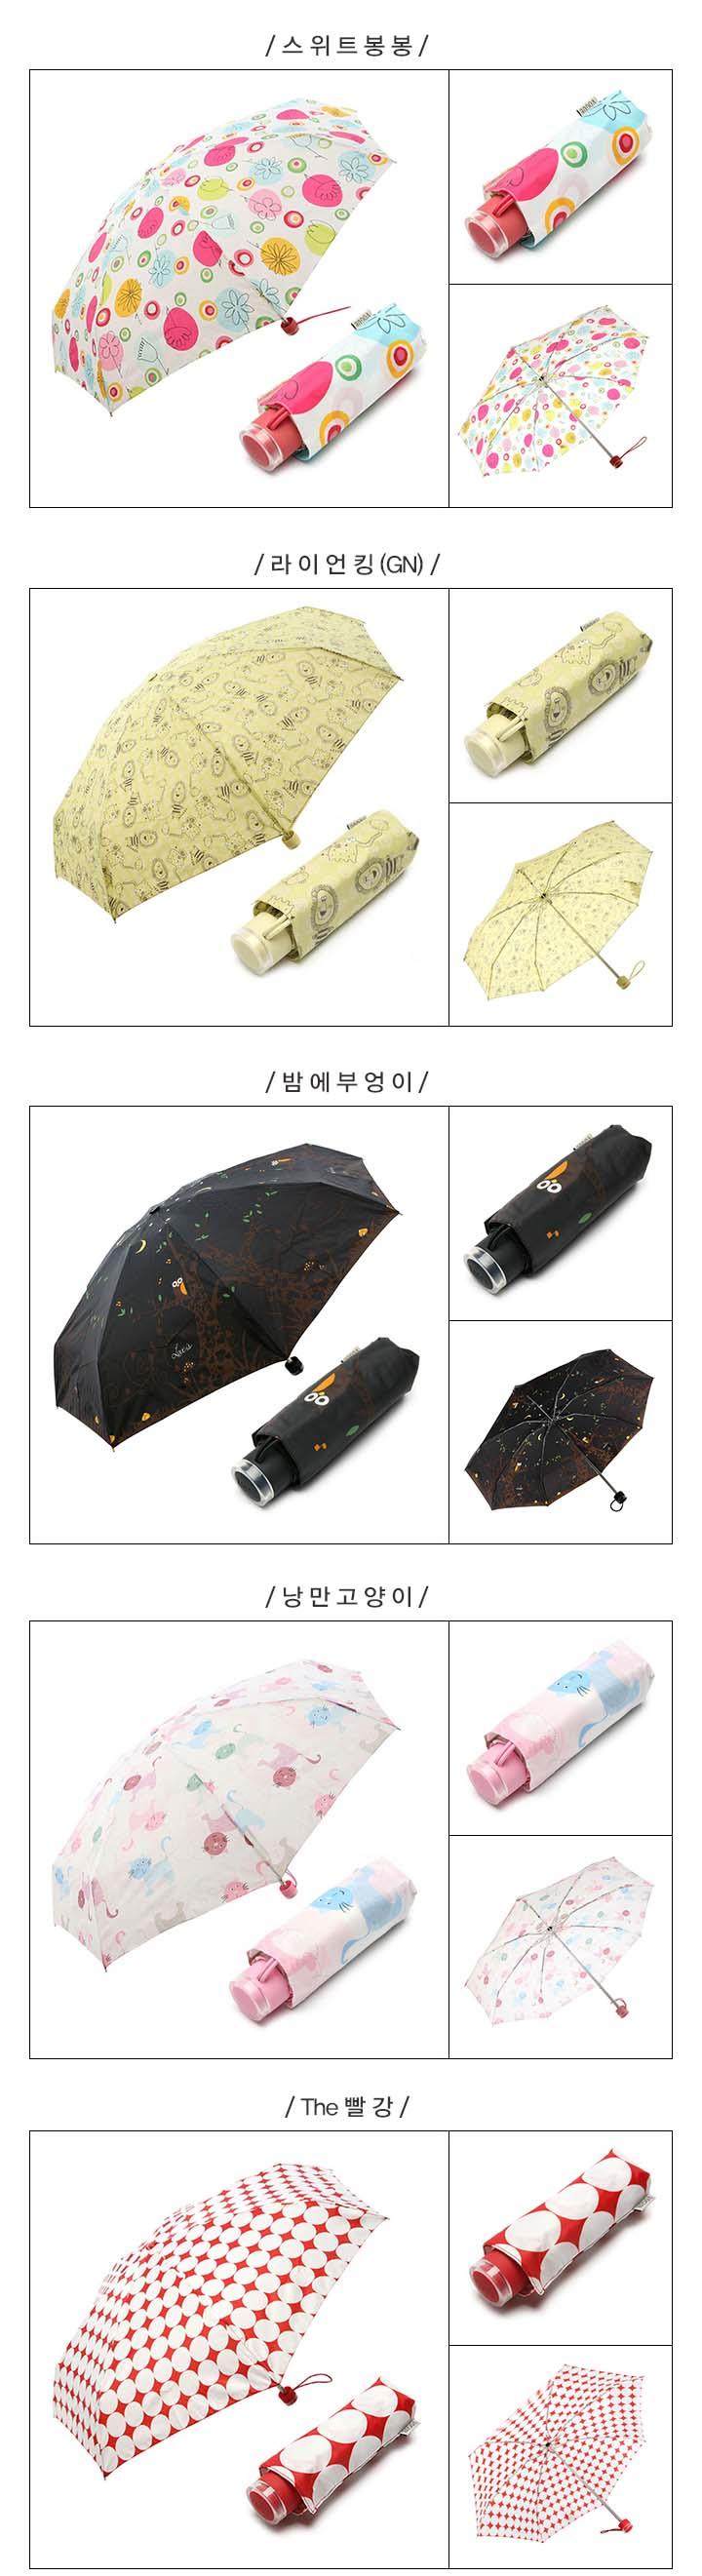 5단 수동 우양산 - 23종 택1 - 보그01, 24,000원, 우산, 수동3단/5단우산